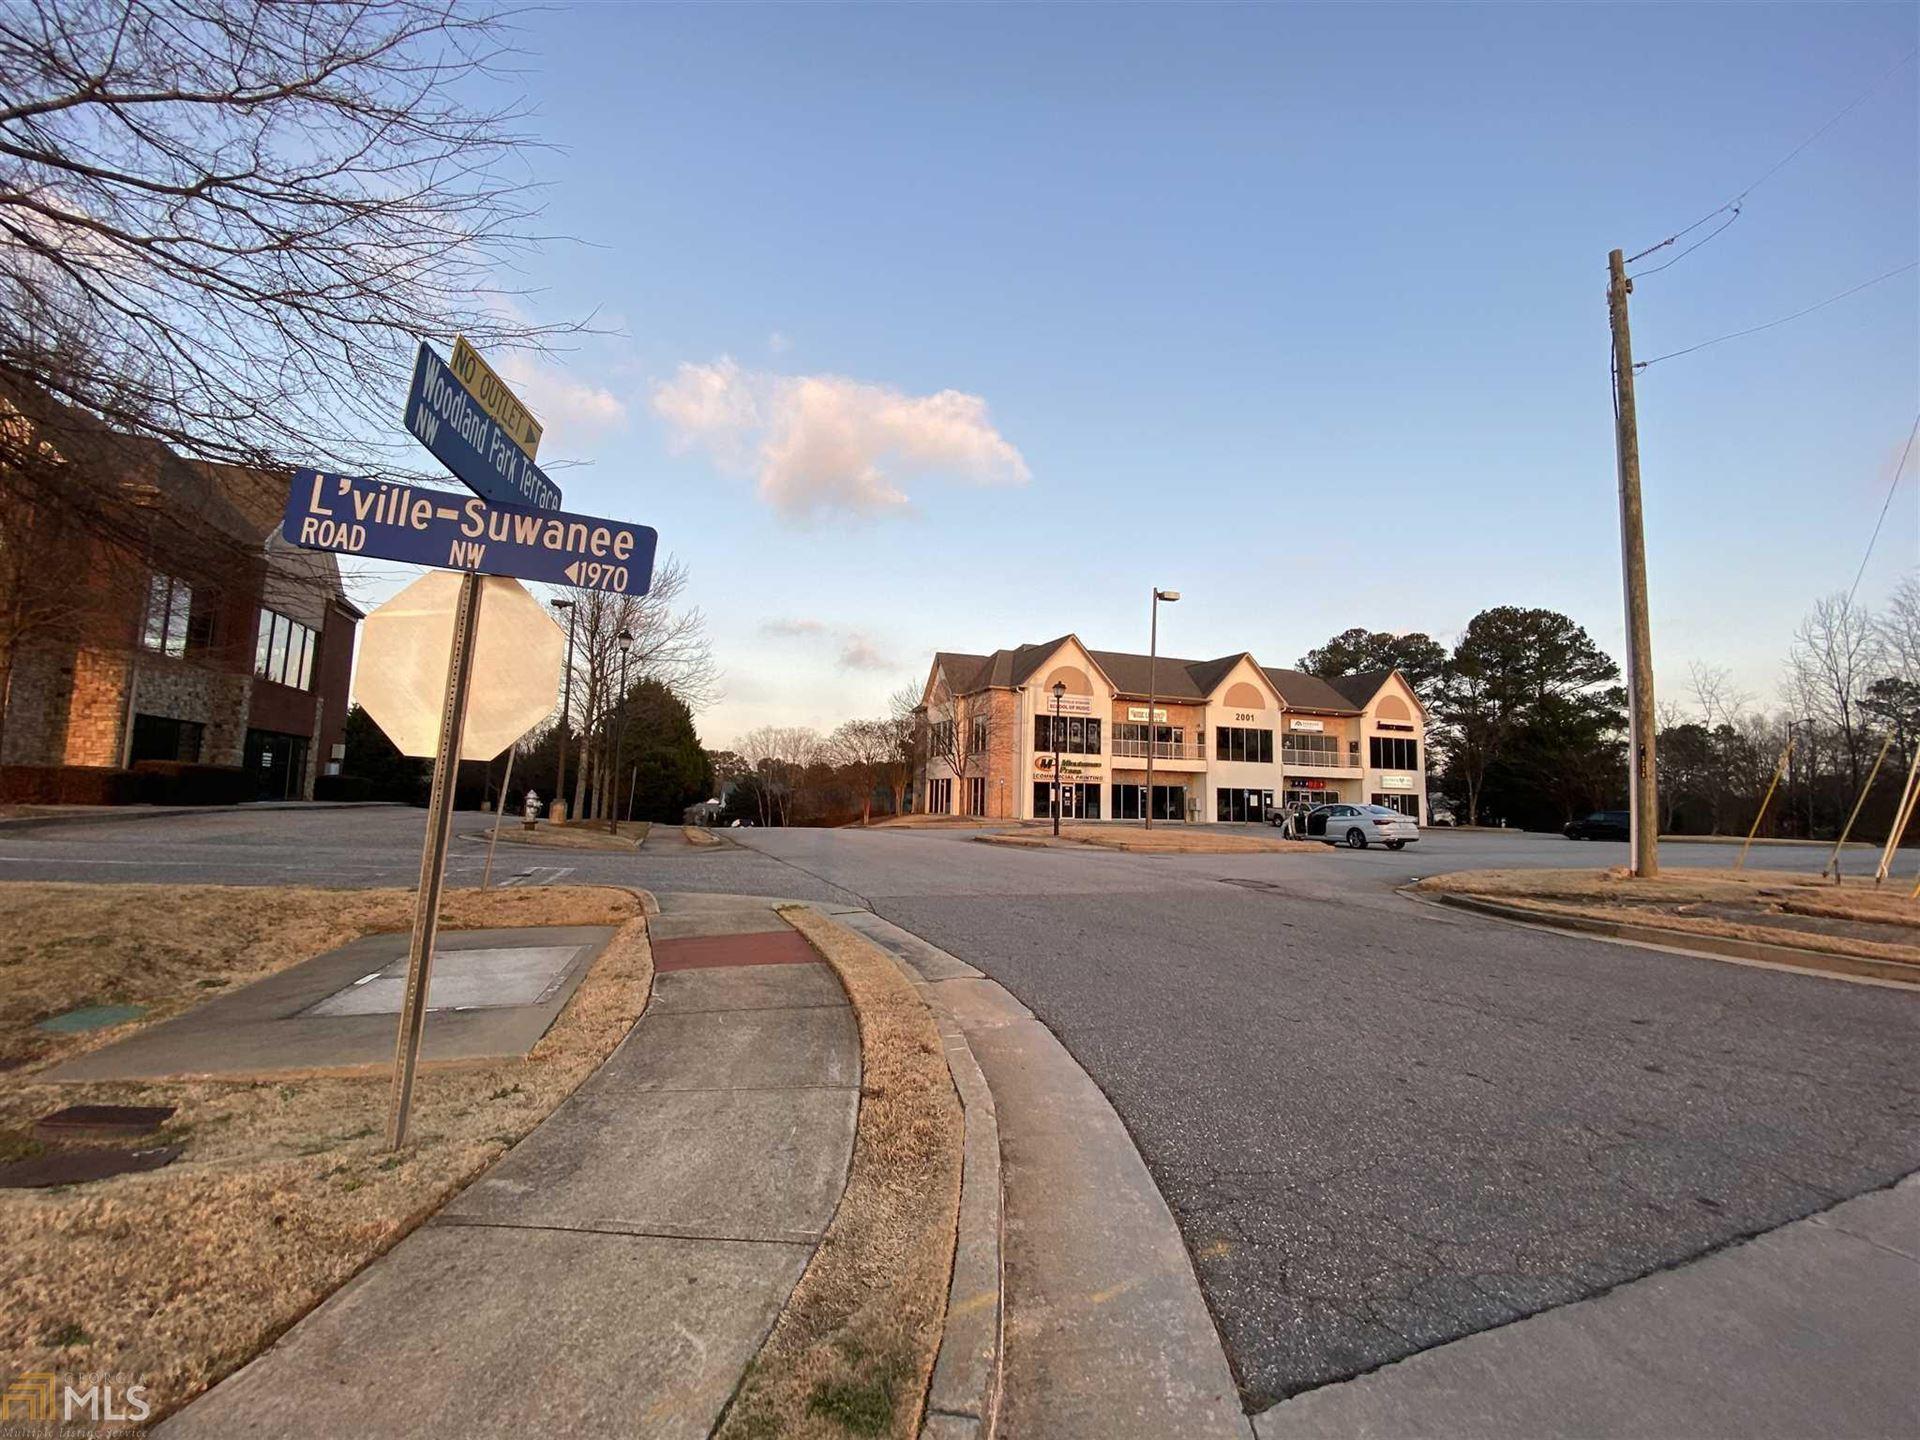 544 Woodland Park Ter, Lawrenceville, GA 30043 - MLS#: 8911426